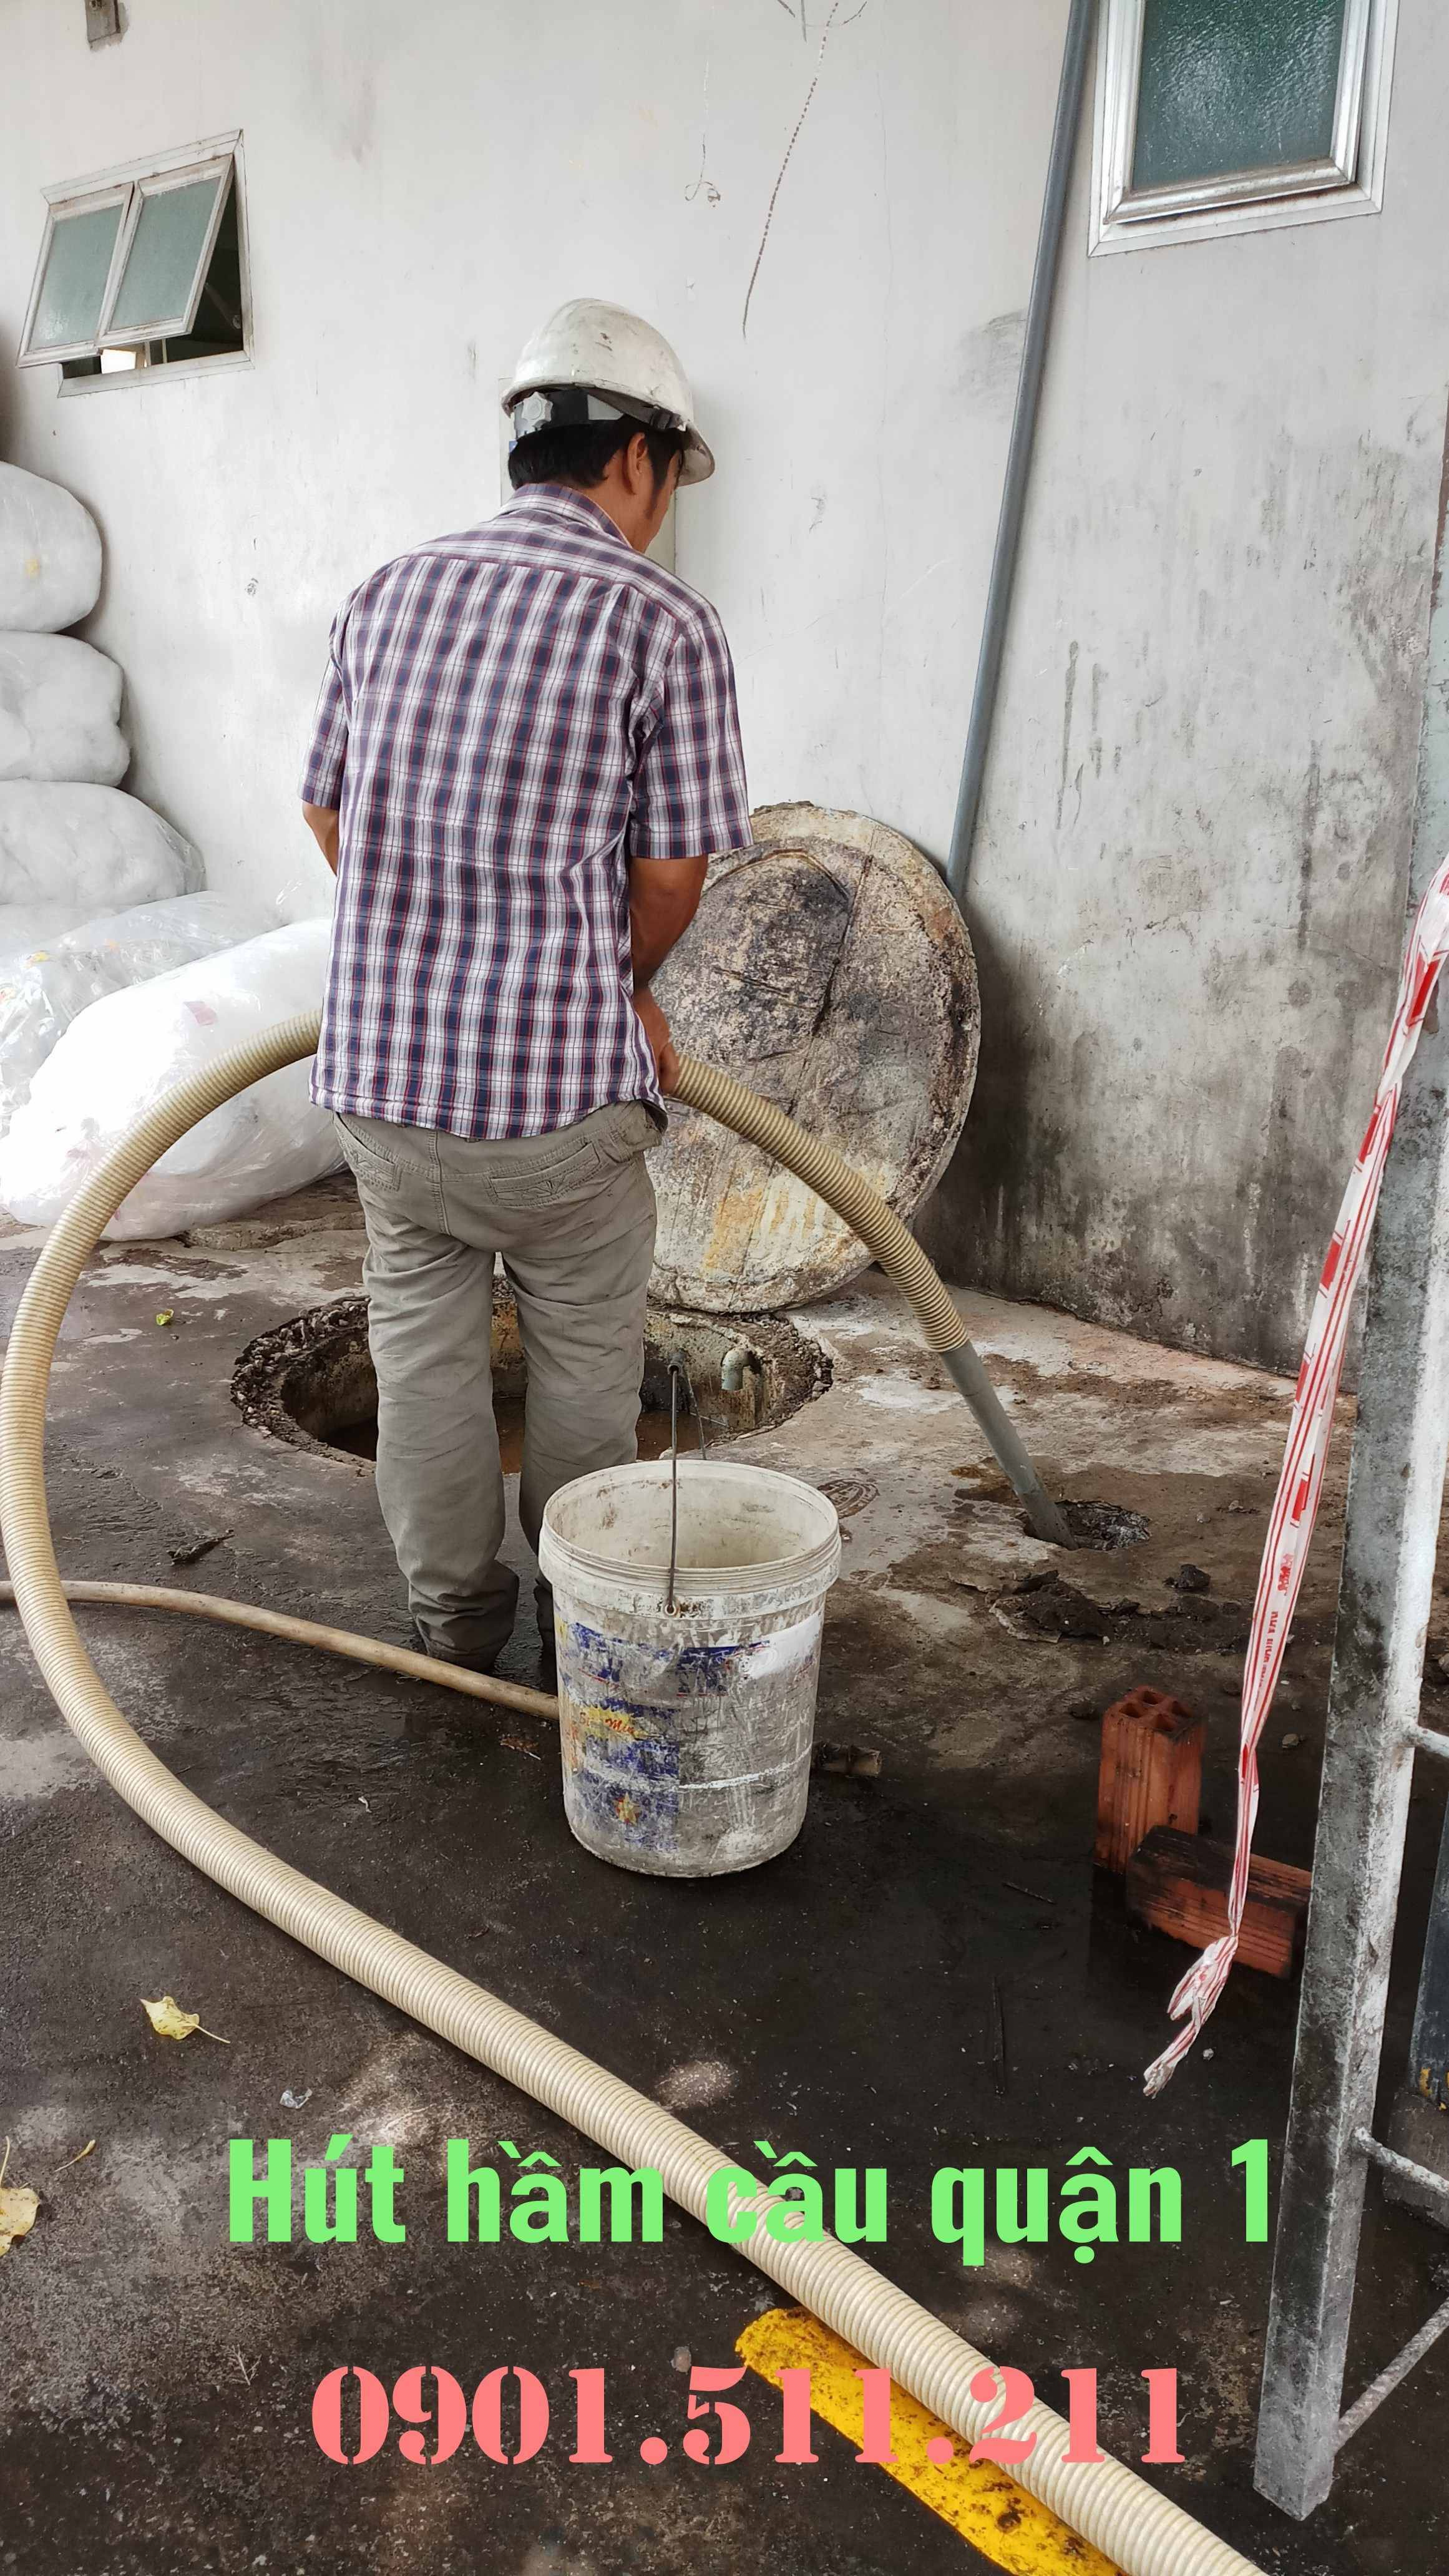 Hút hầm cầu quận 1 giá rẻ uy tín HOÀNG LONG 0901511211